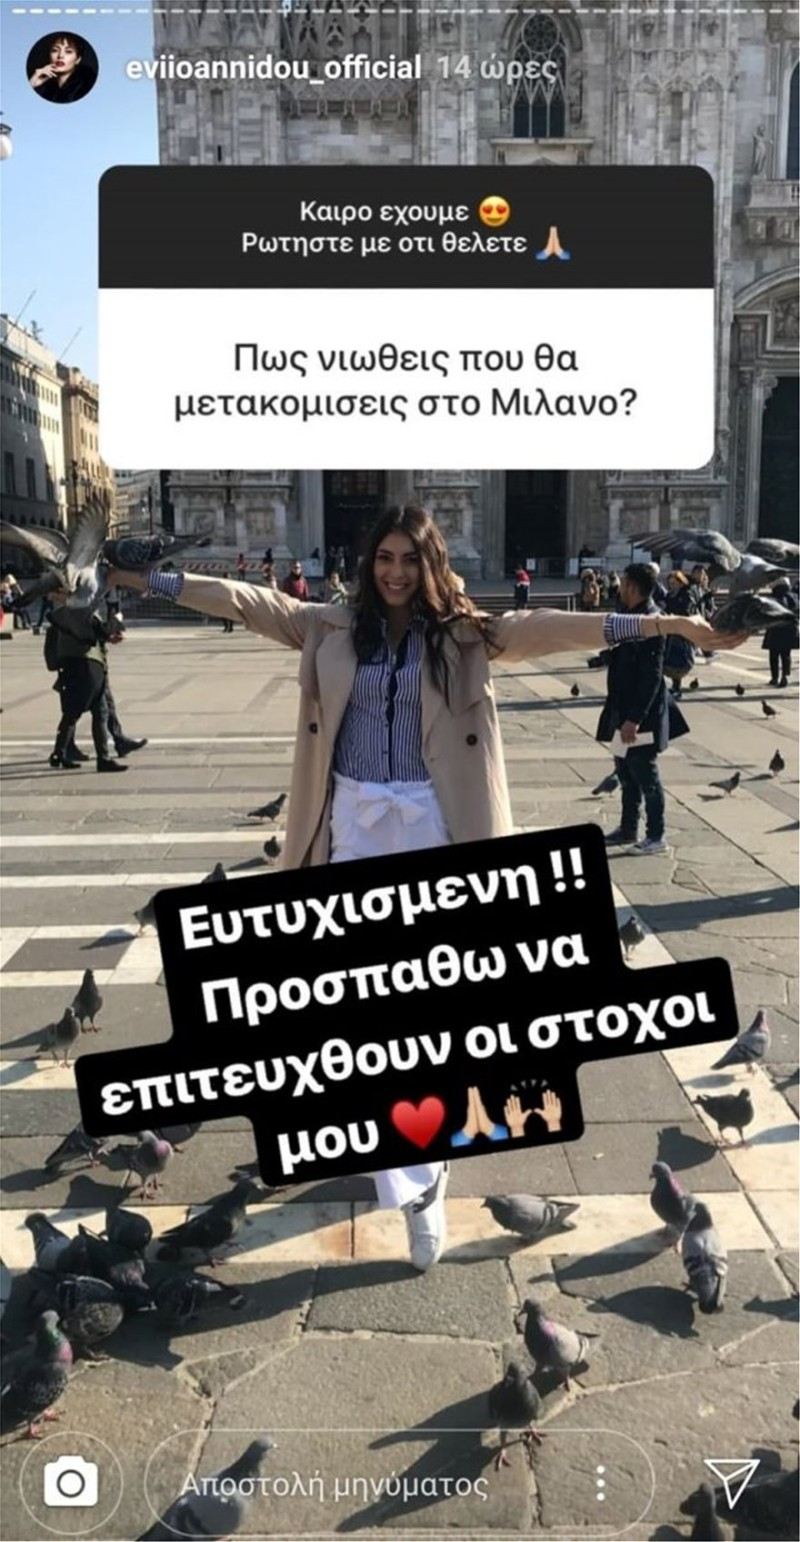 Εύη Ιωαννίδου Instagram